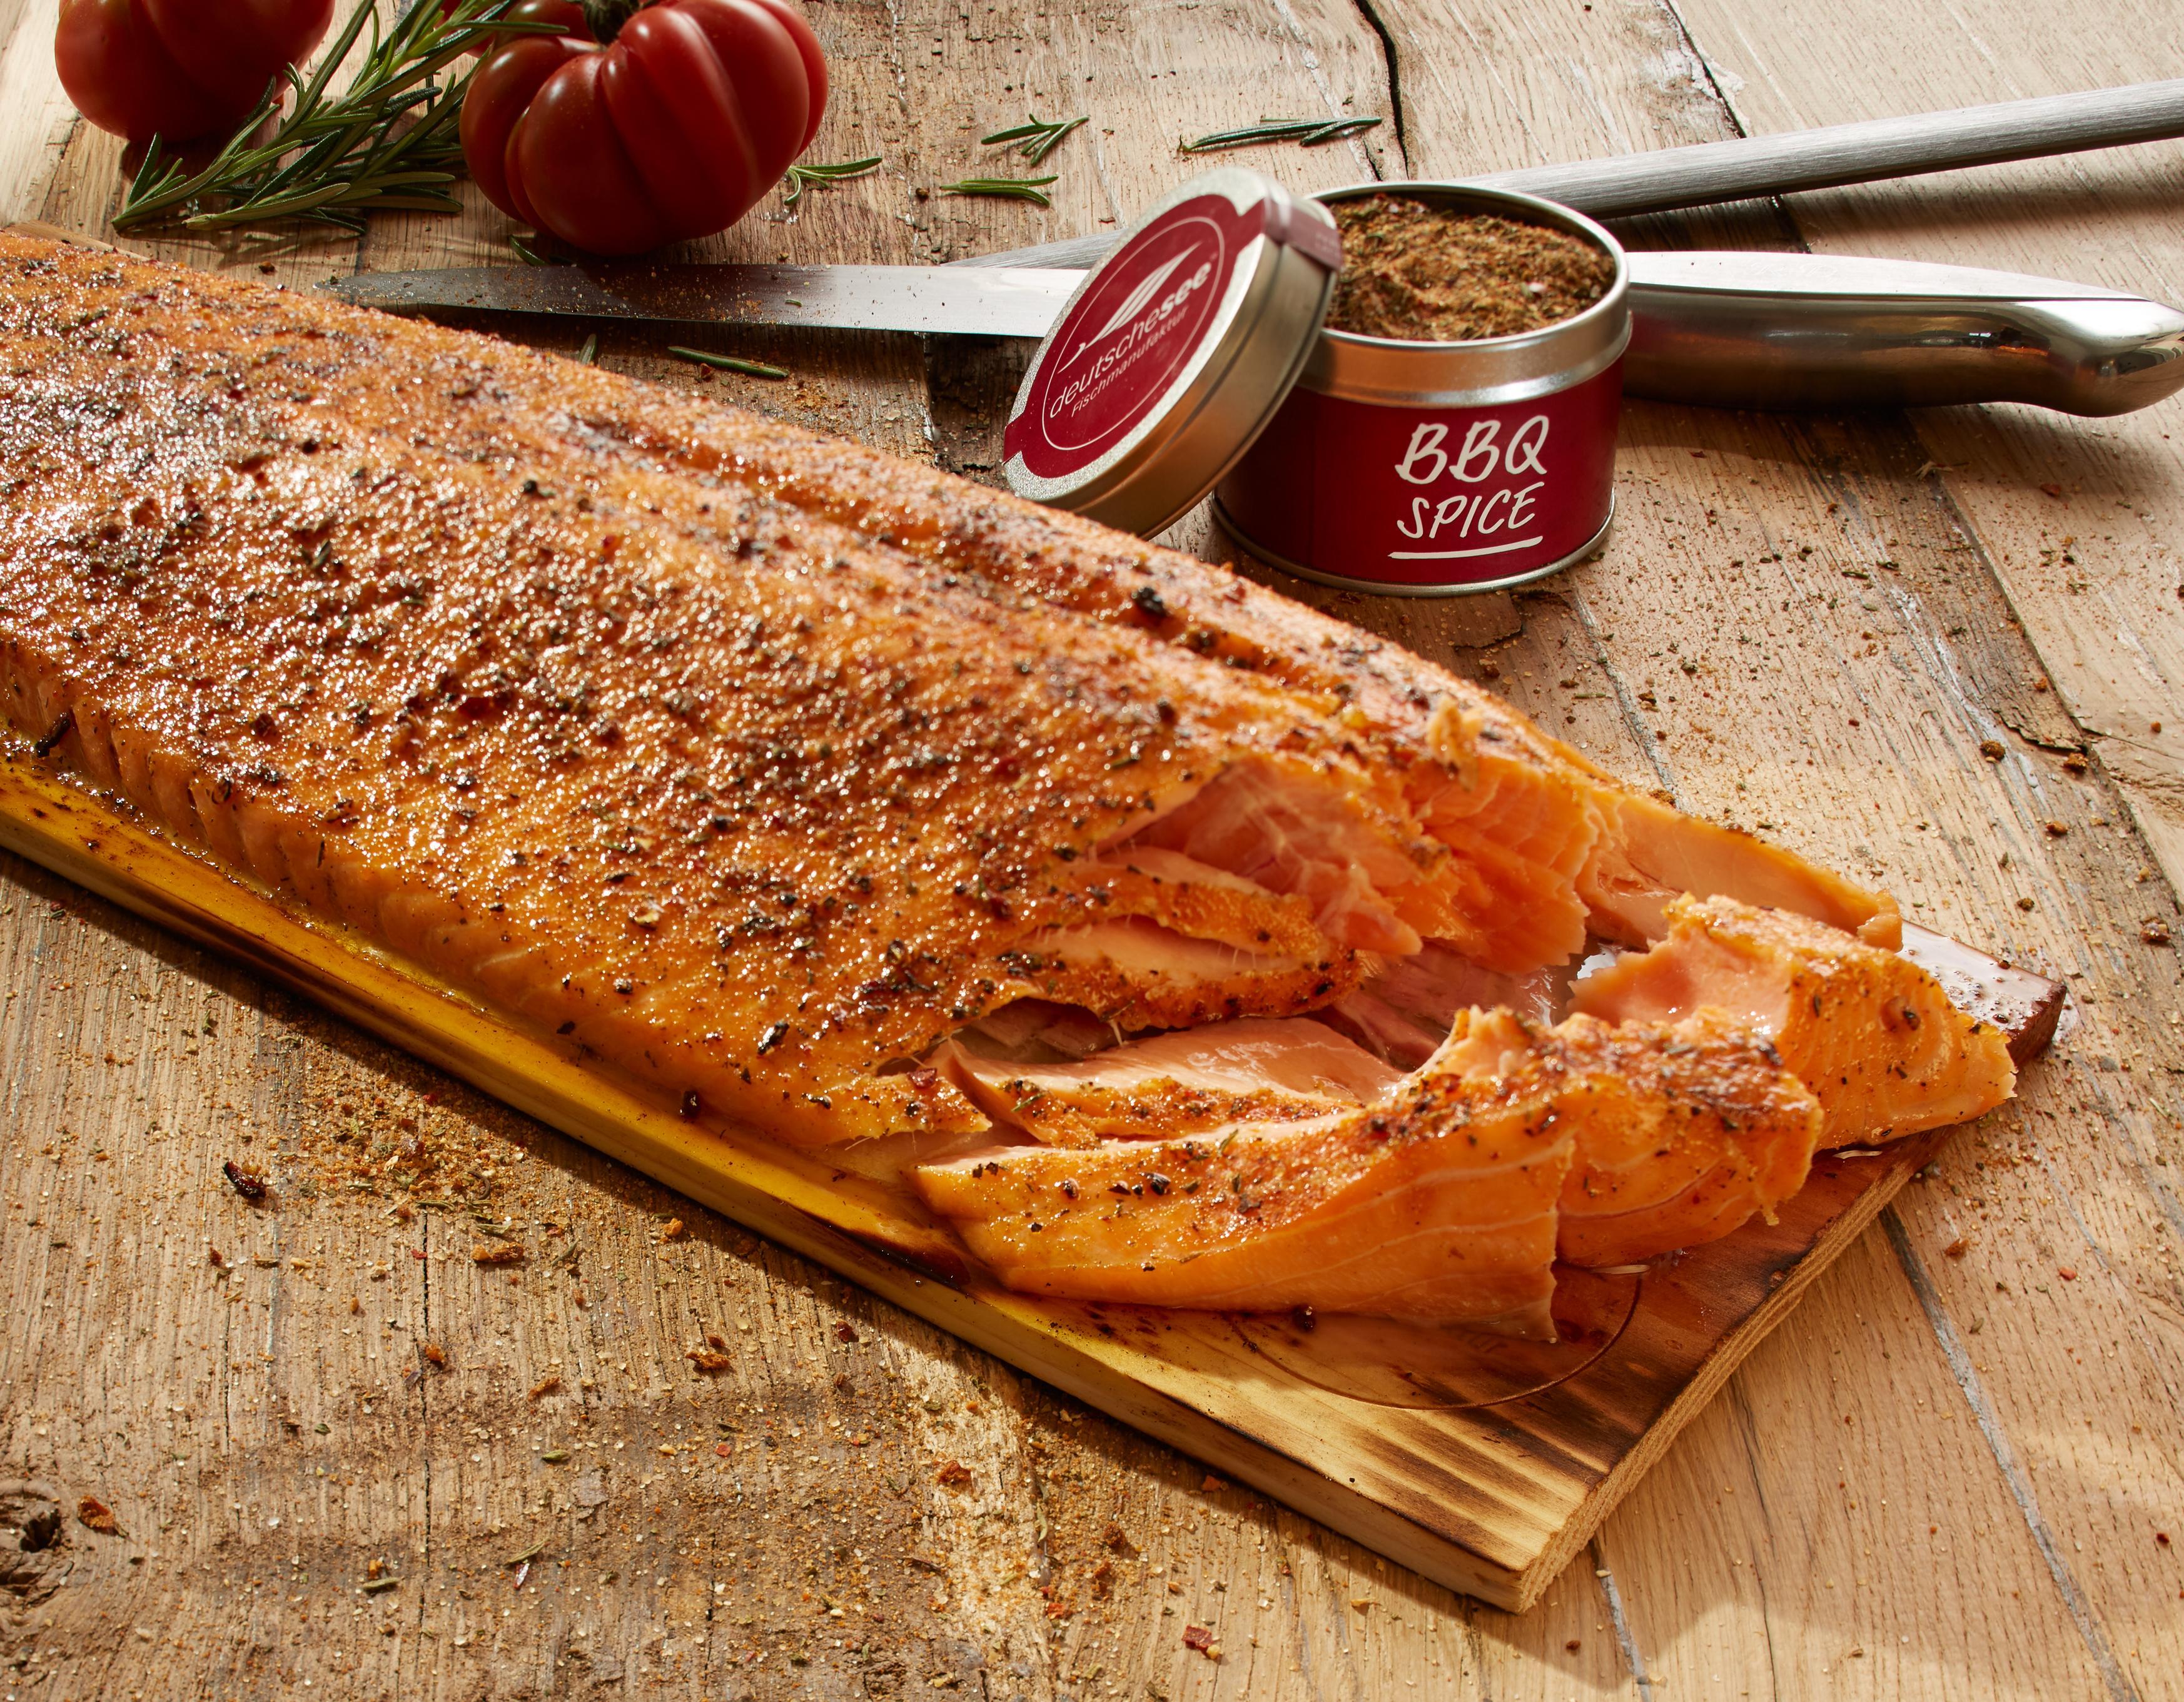 Fisch Gasgrill : Lachs auf zedernholz grillen tipps von profis rezepte deutsche see